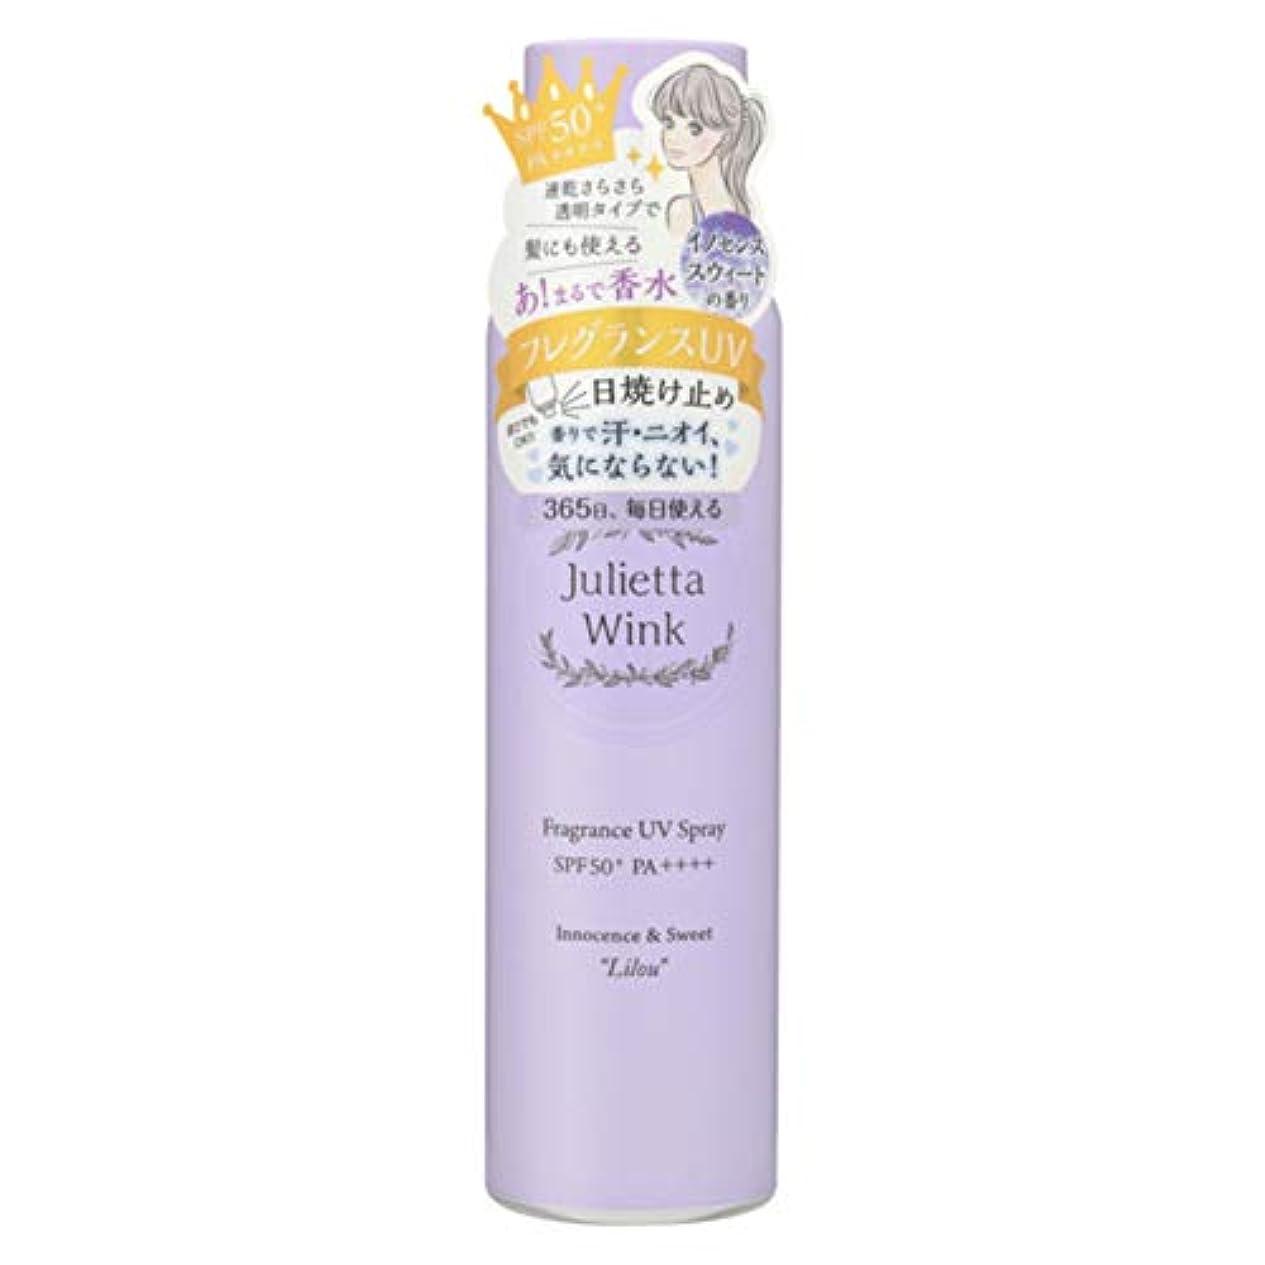 履歴書潜む受粉するジュリエッタウィンク フレグランス UVスプレー[リル]100g イノセンススウィートの香り(紫)